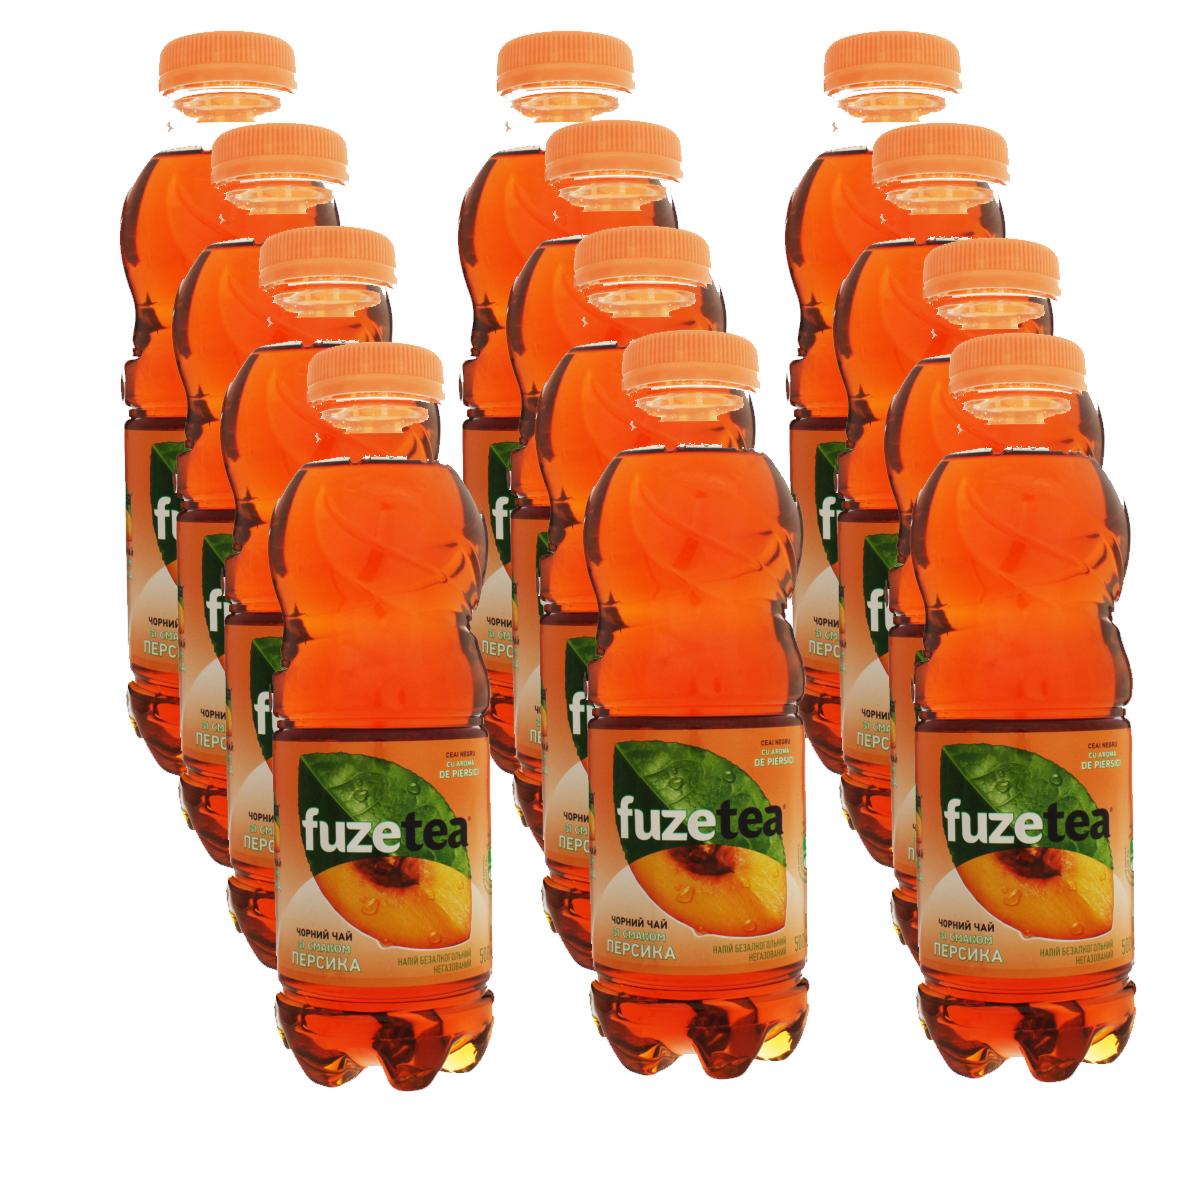 Вода Фьюзти со вкусом Персика 0,5л., пластиковая бутылка, 12шт./уп. Fuzetea - фото 2